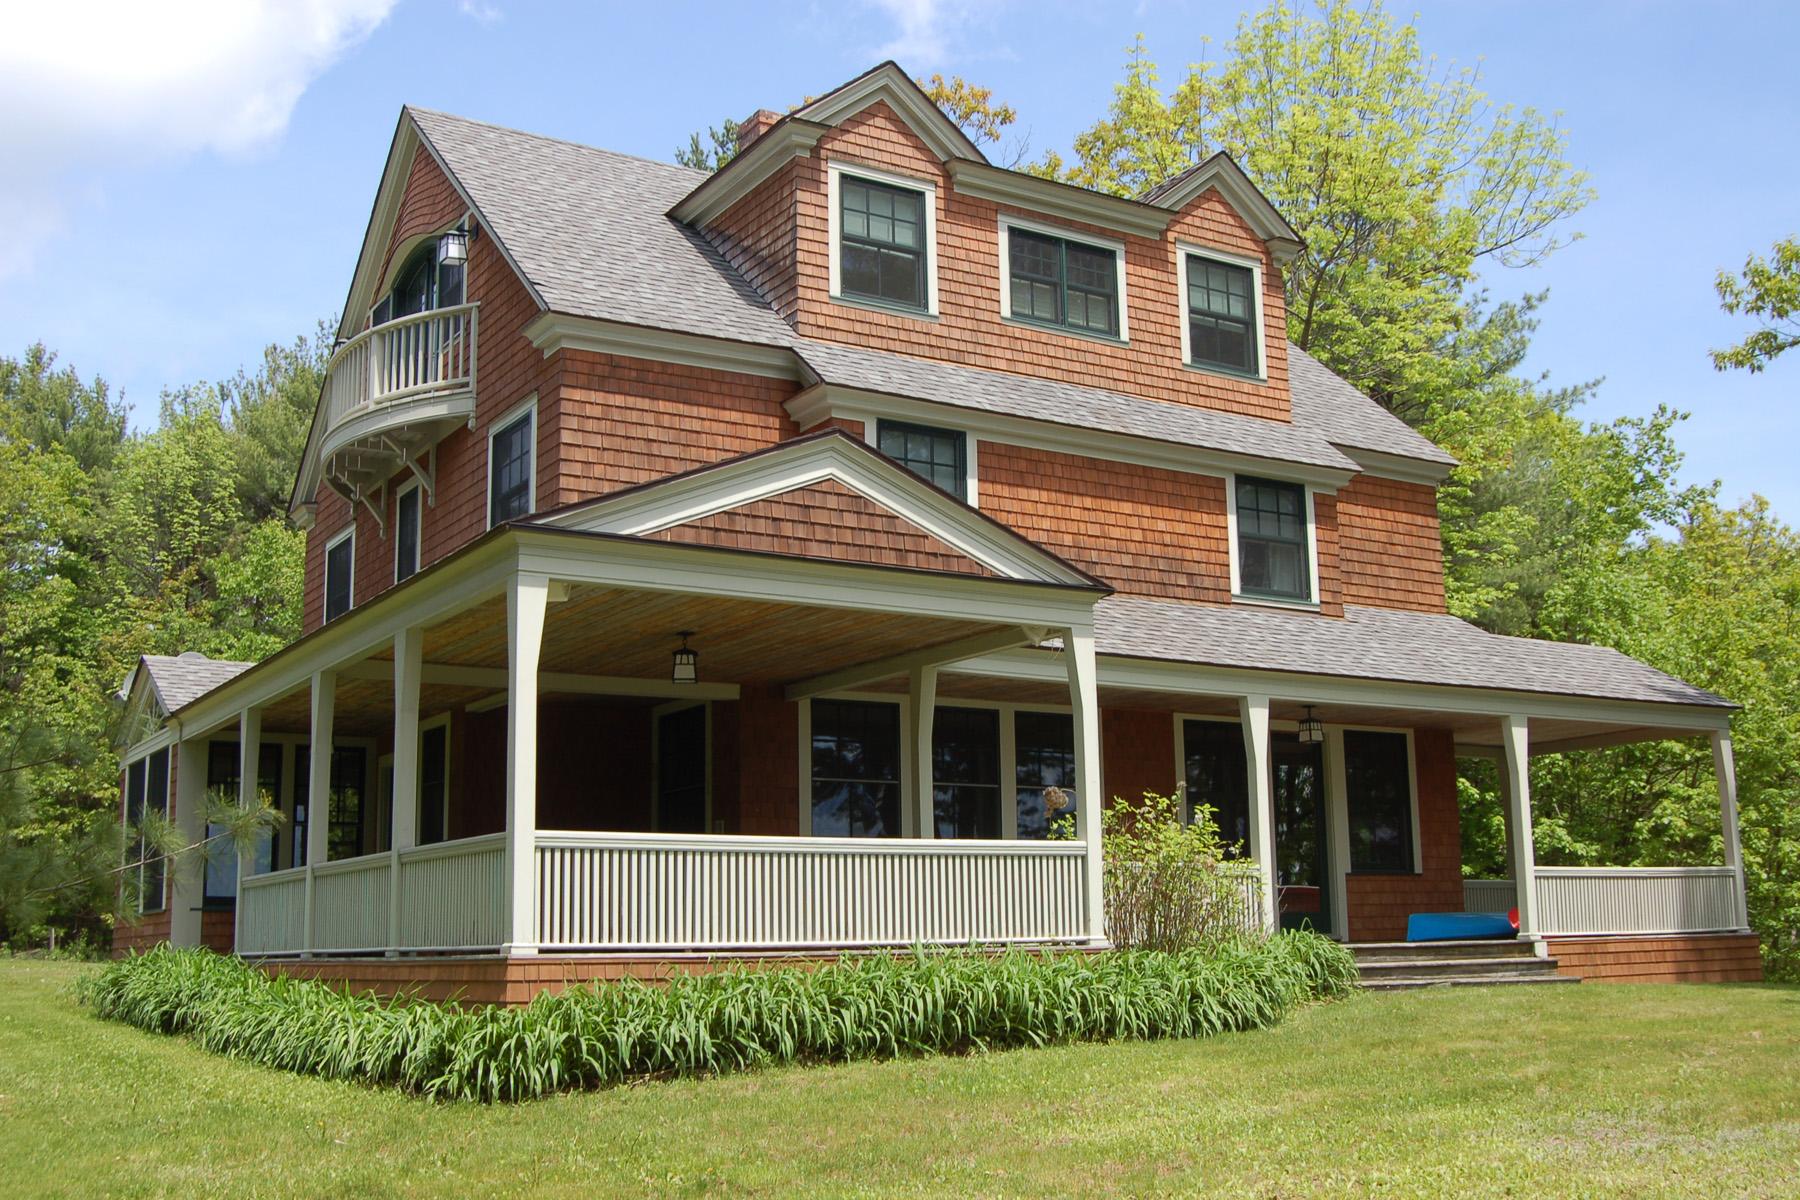 Частный односемейный дом для того Продажа на 61 Browns Hill, Sunapee Sunapee, Нью-Гэмпшир, 03782 Соединенные Штаты